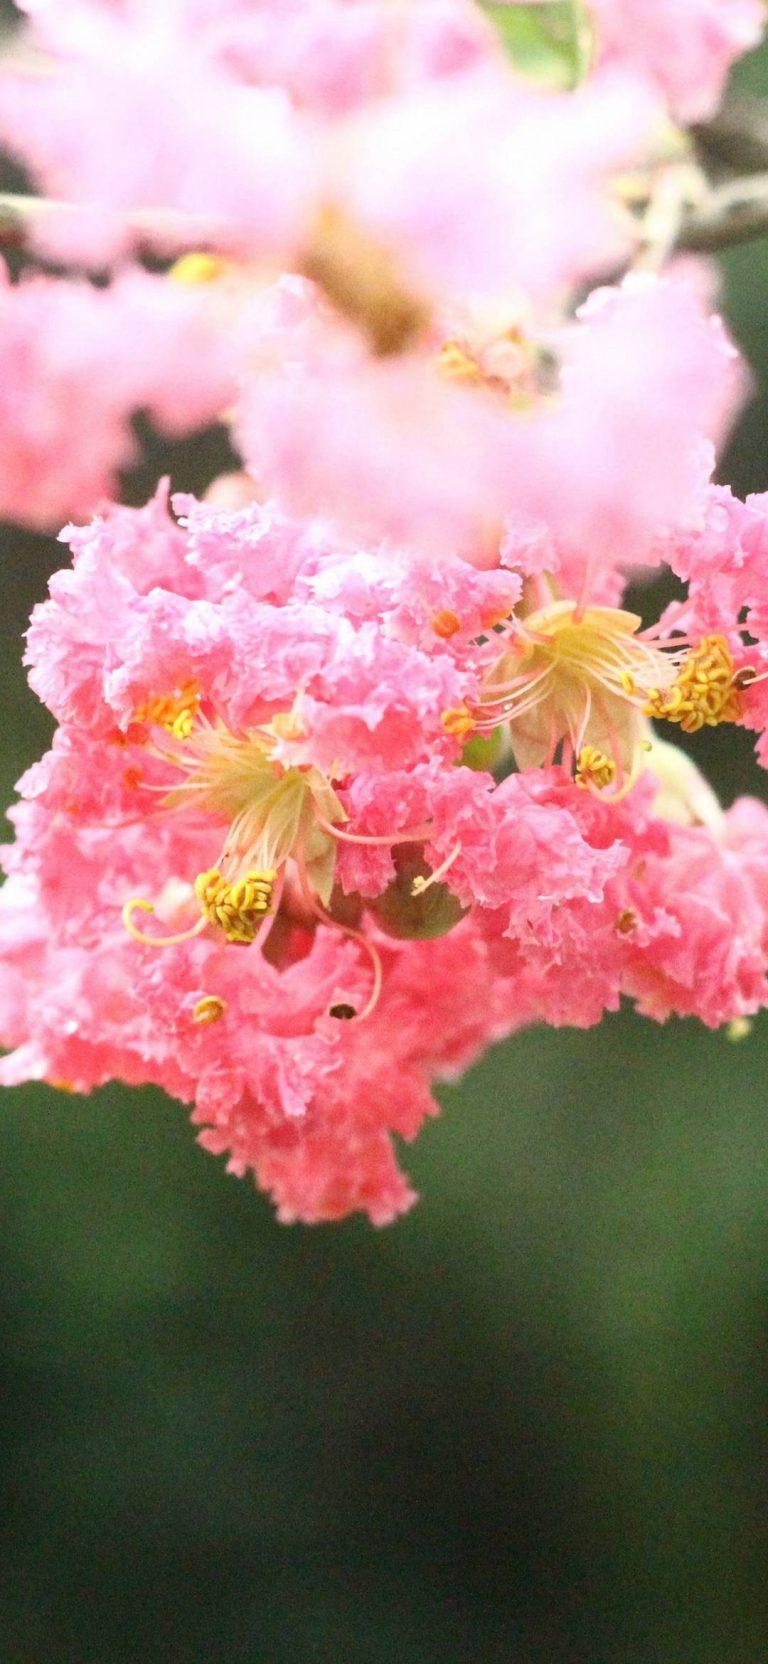 Natural Beauty Of A Flower Wallpaper 1080x2340 768x1664